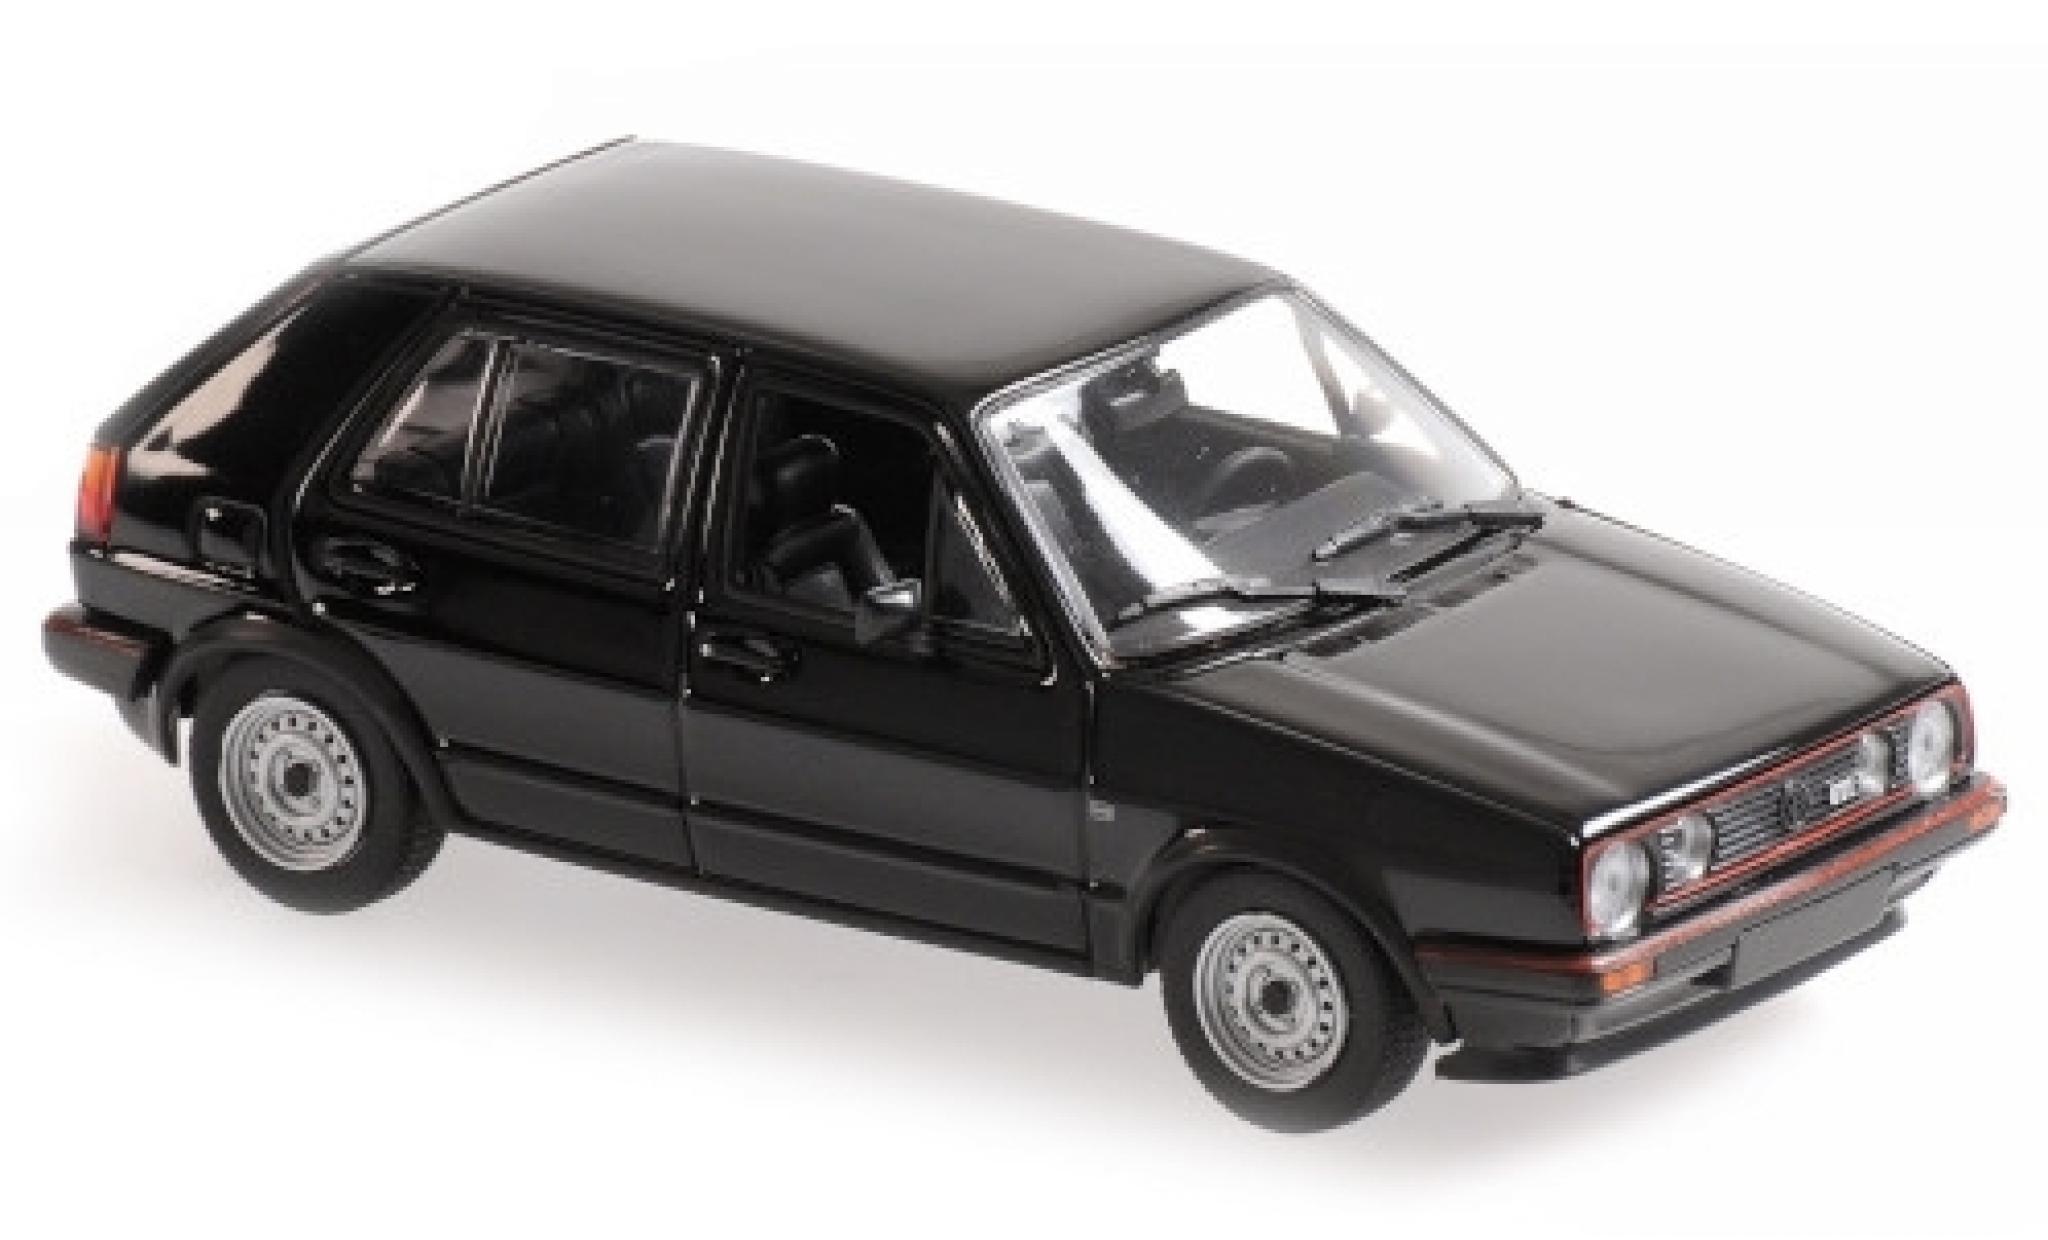 Volkswagen Golf 1/43 Maxichamps II GTI black 1985 5-portes